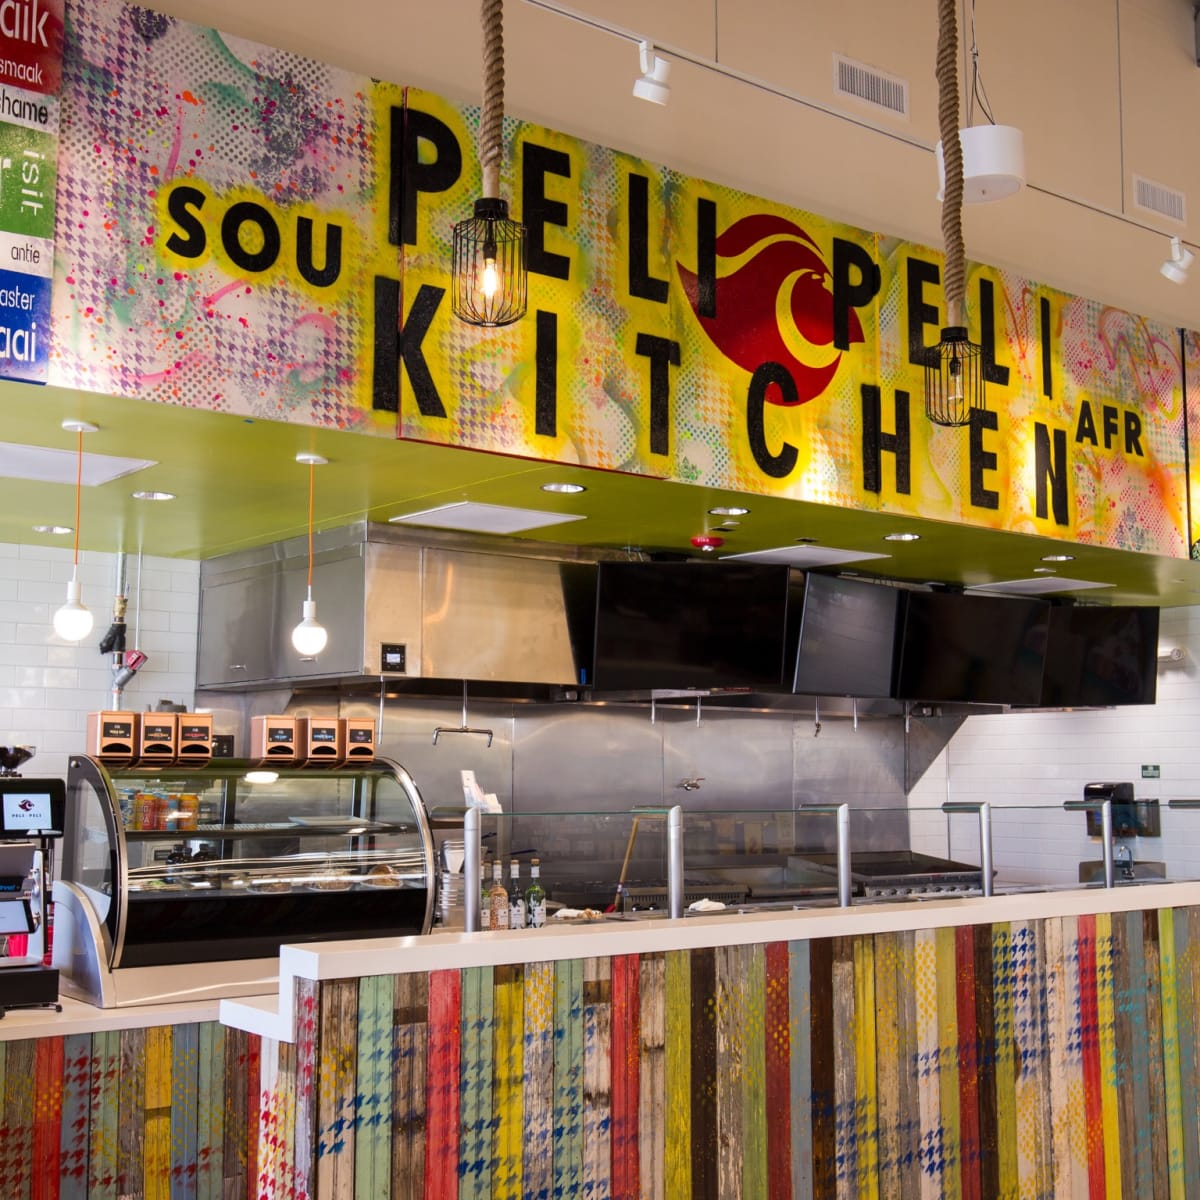 Whole Foods 365 Heights peli peli kitchen